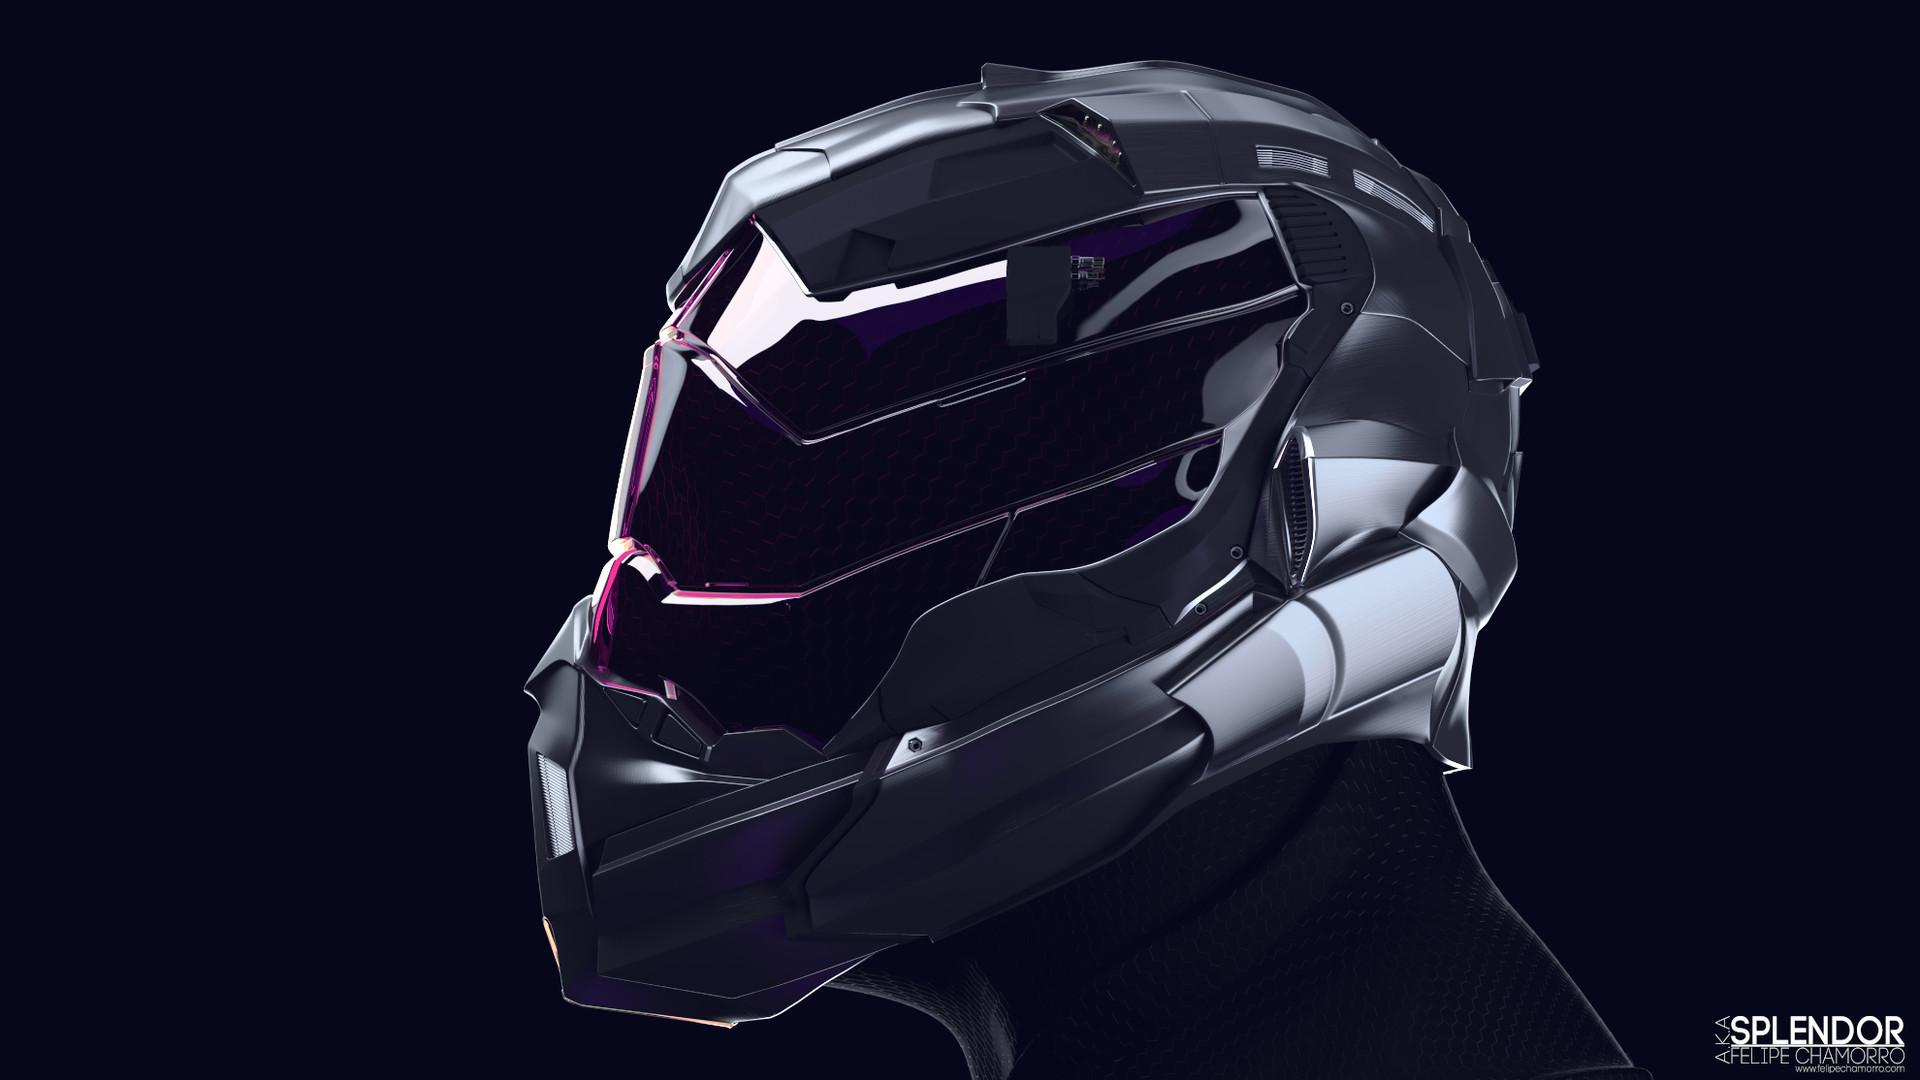 Splendor Helmet SX5